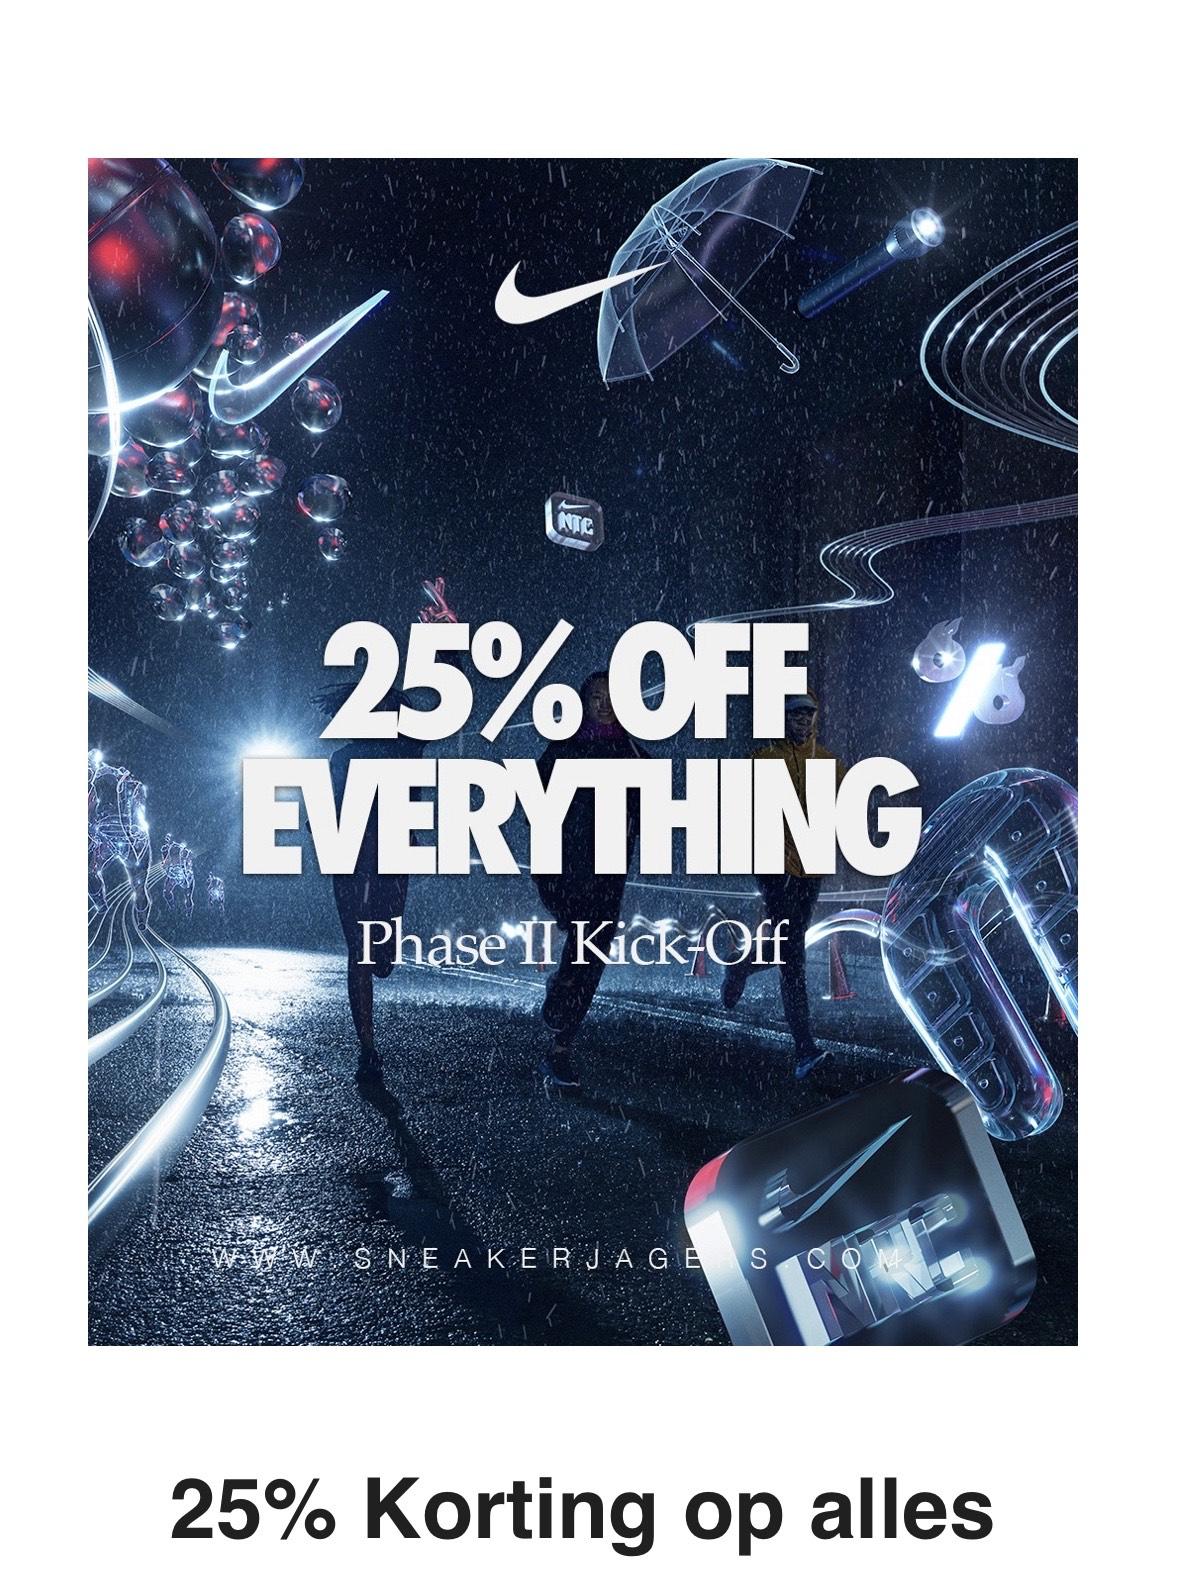 25% Korting op alles* bij Nike